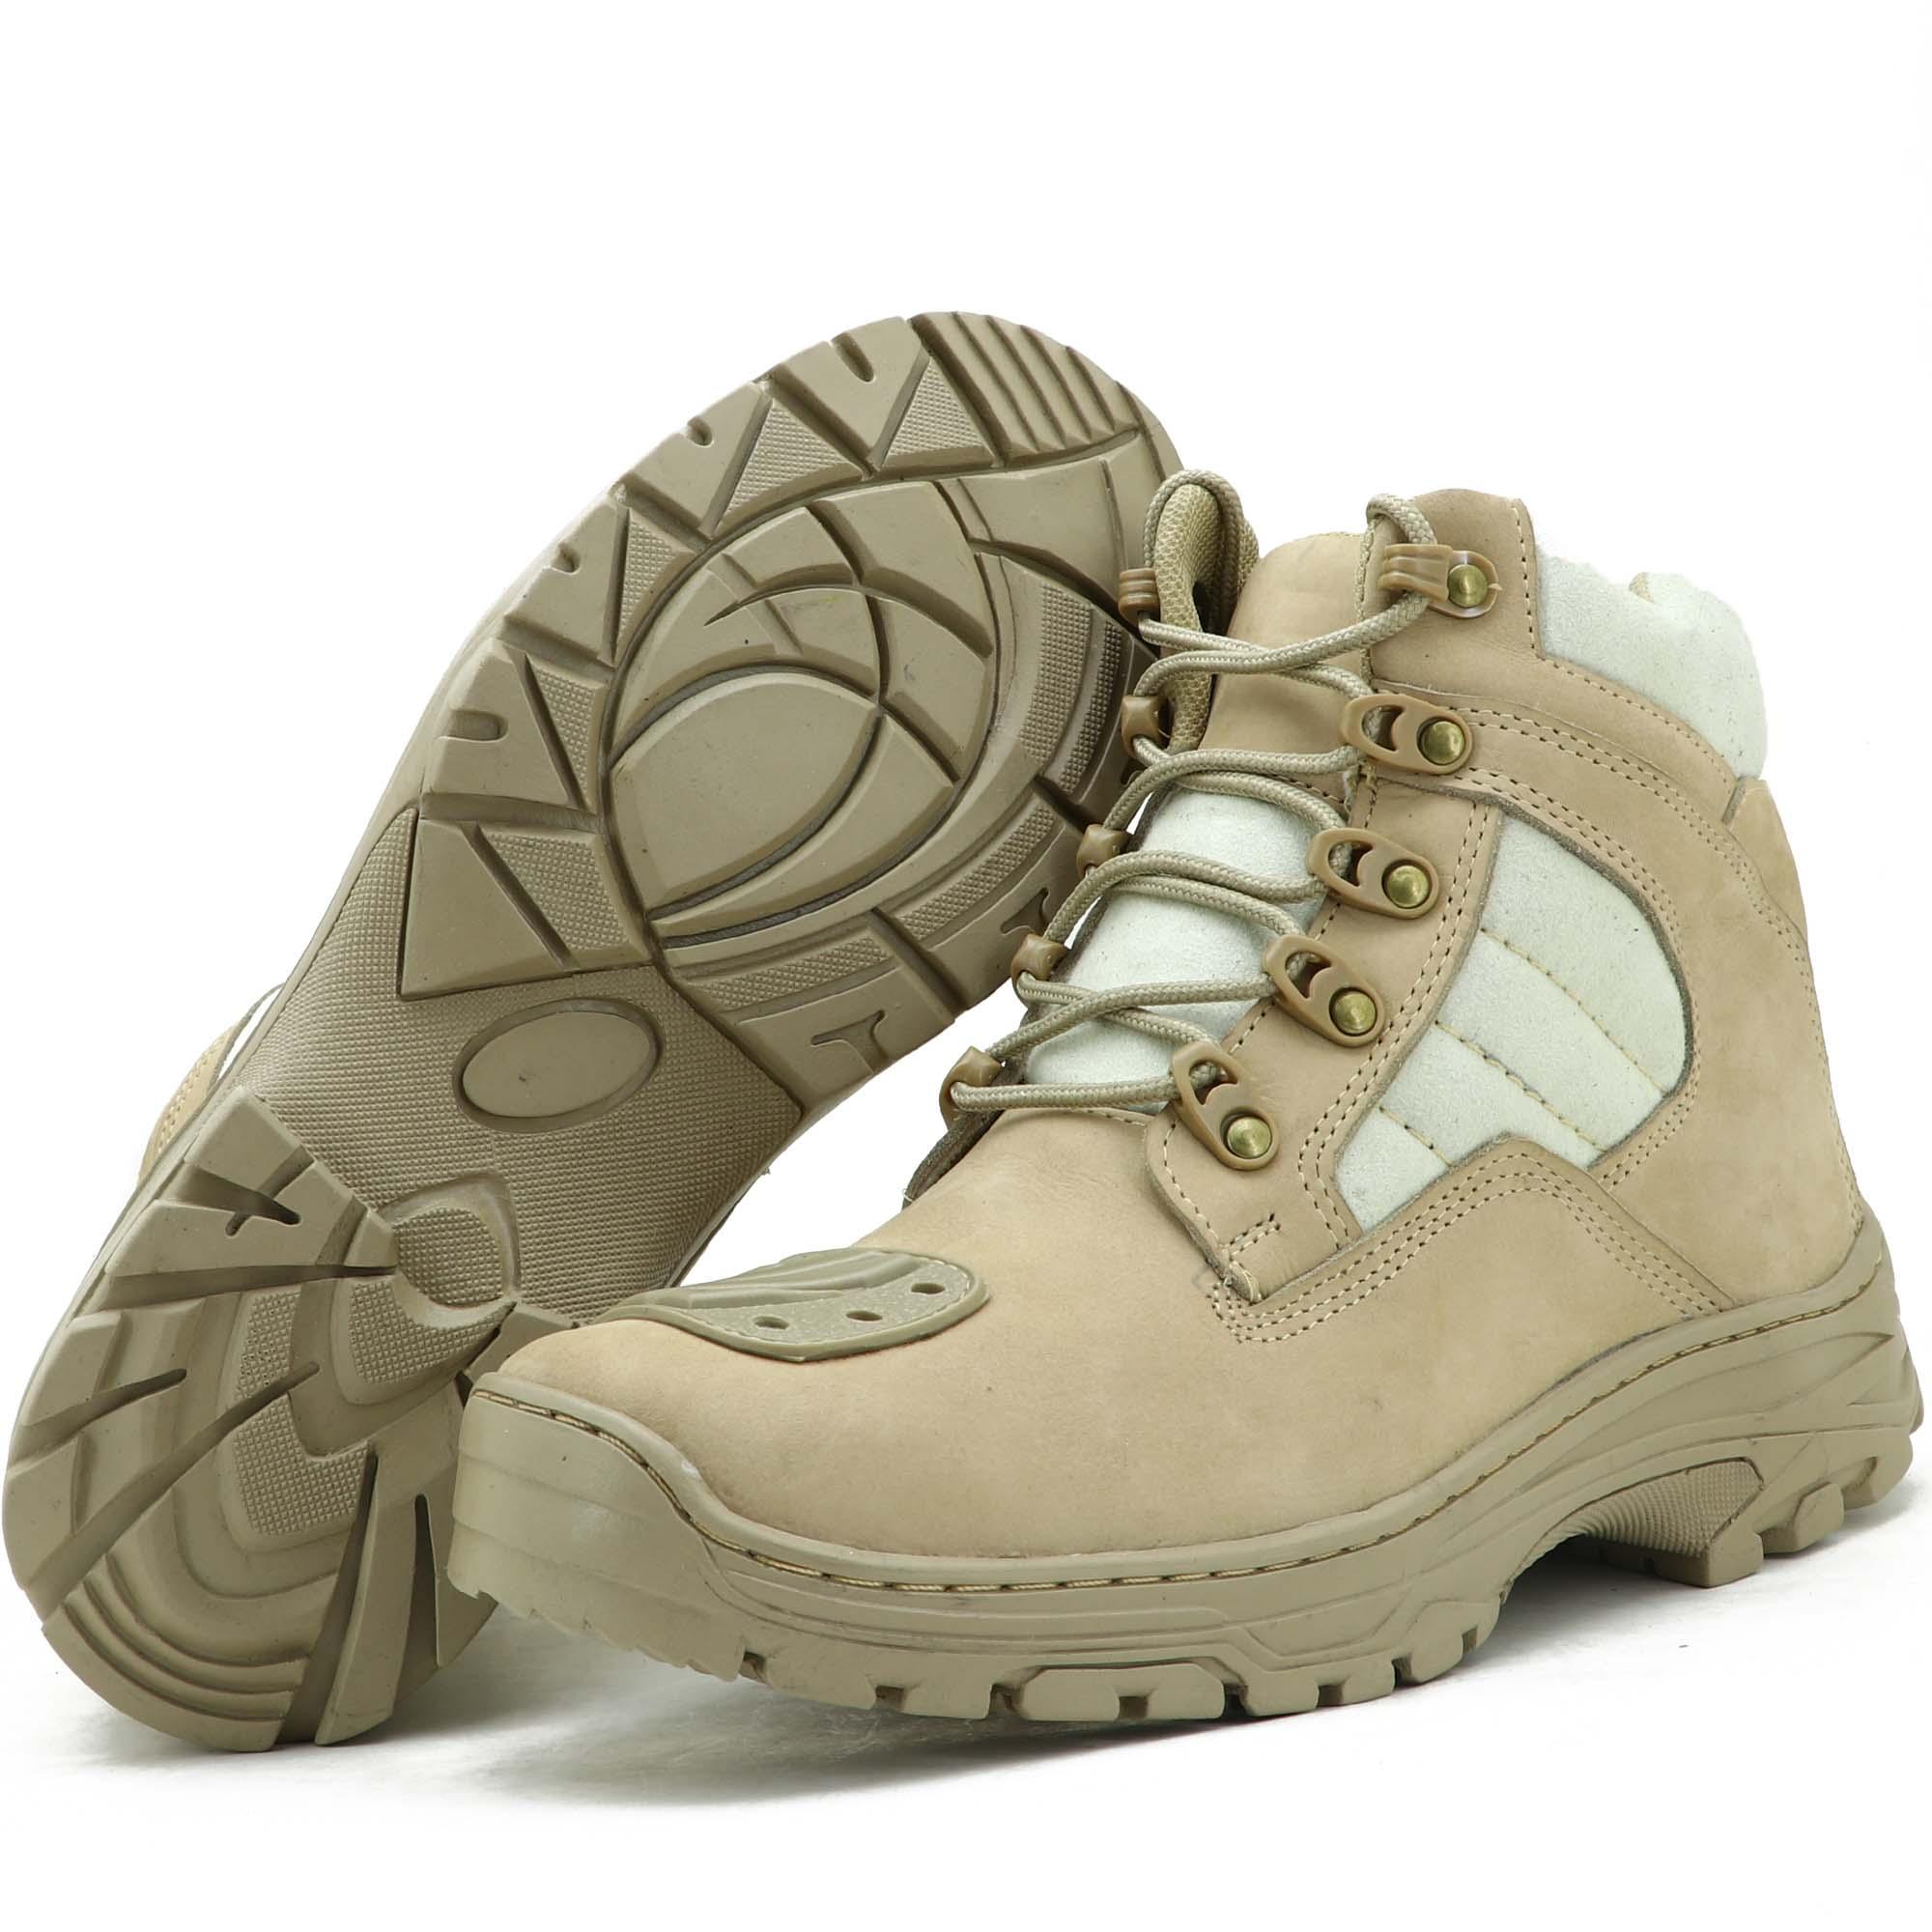 Coturno militar DUST Atron Shoes em couro legítimo na cor areia 245